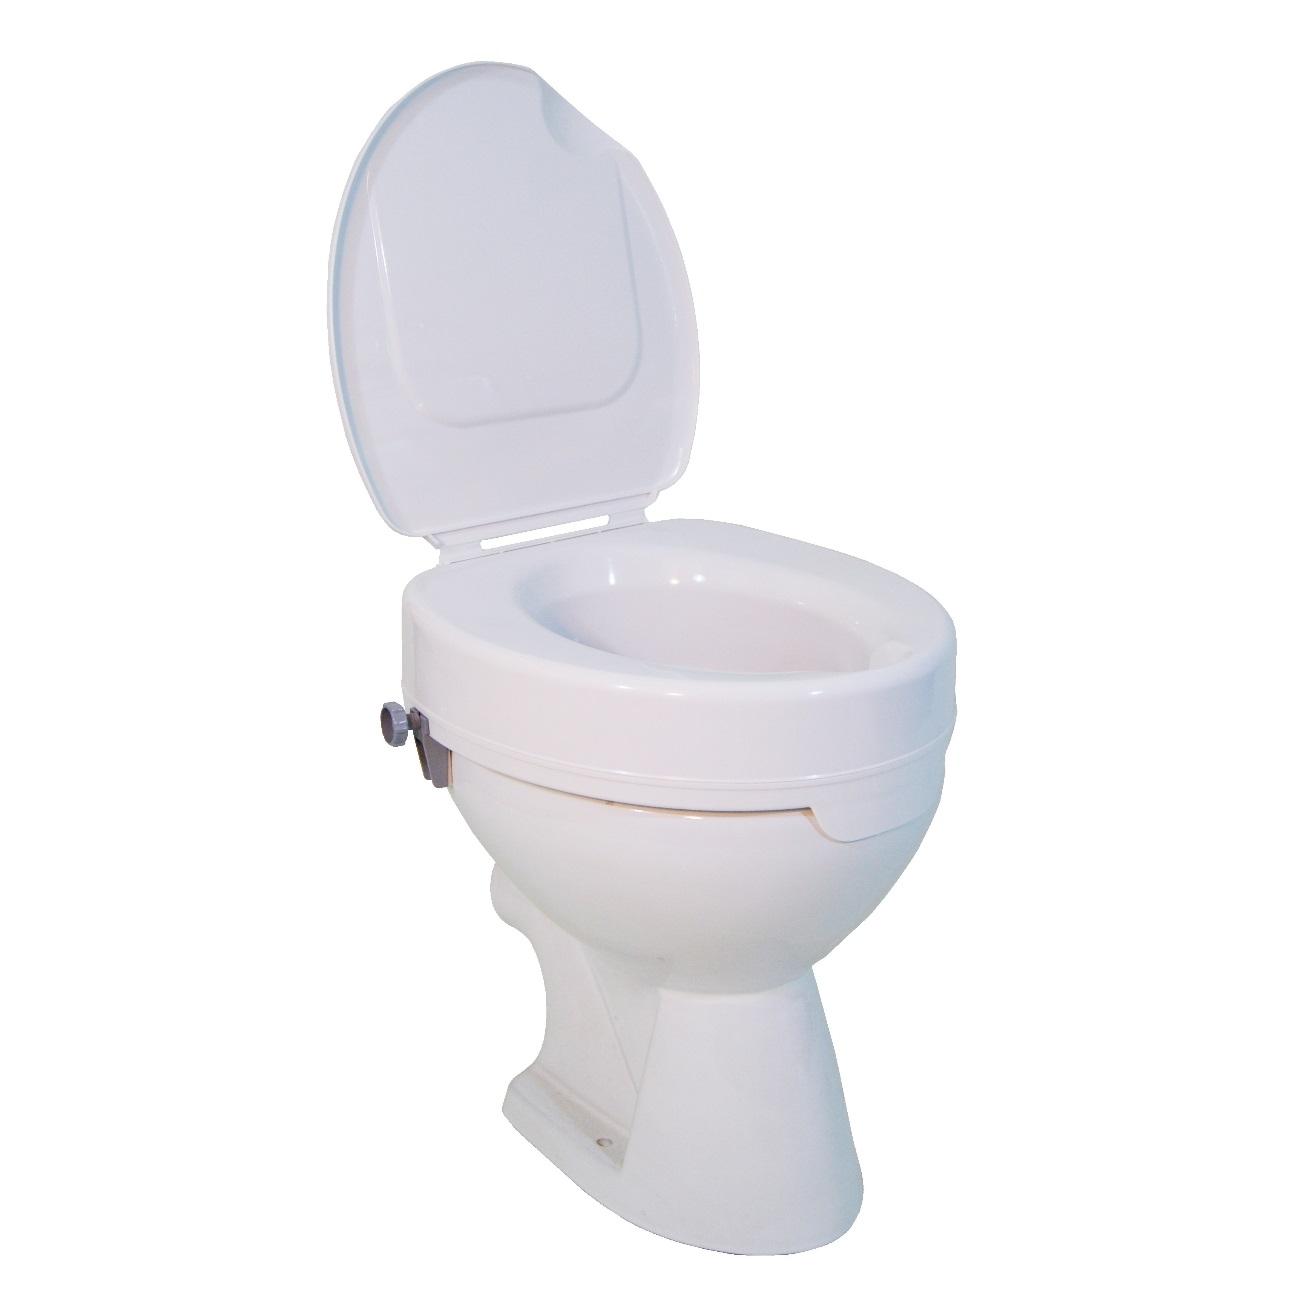 toilettensitzaufsatz online kaufen online sanit tshaus. Black Bedroom Furniture Sets. Home Design Ideas